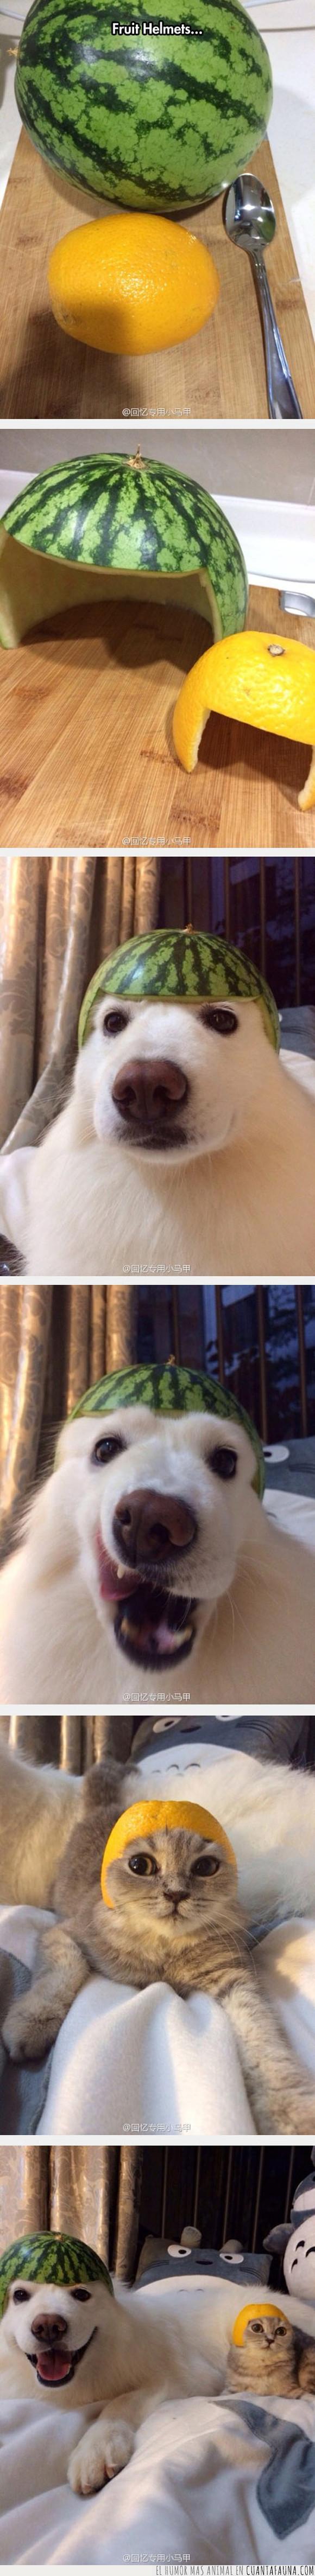 cascosa,fruta,gato,perro,sandia